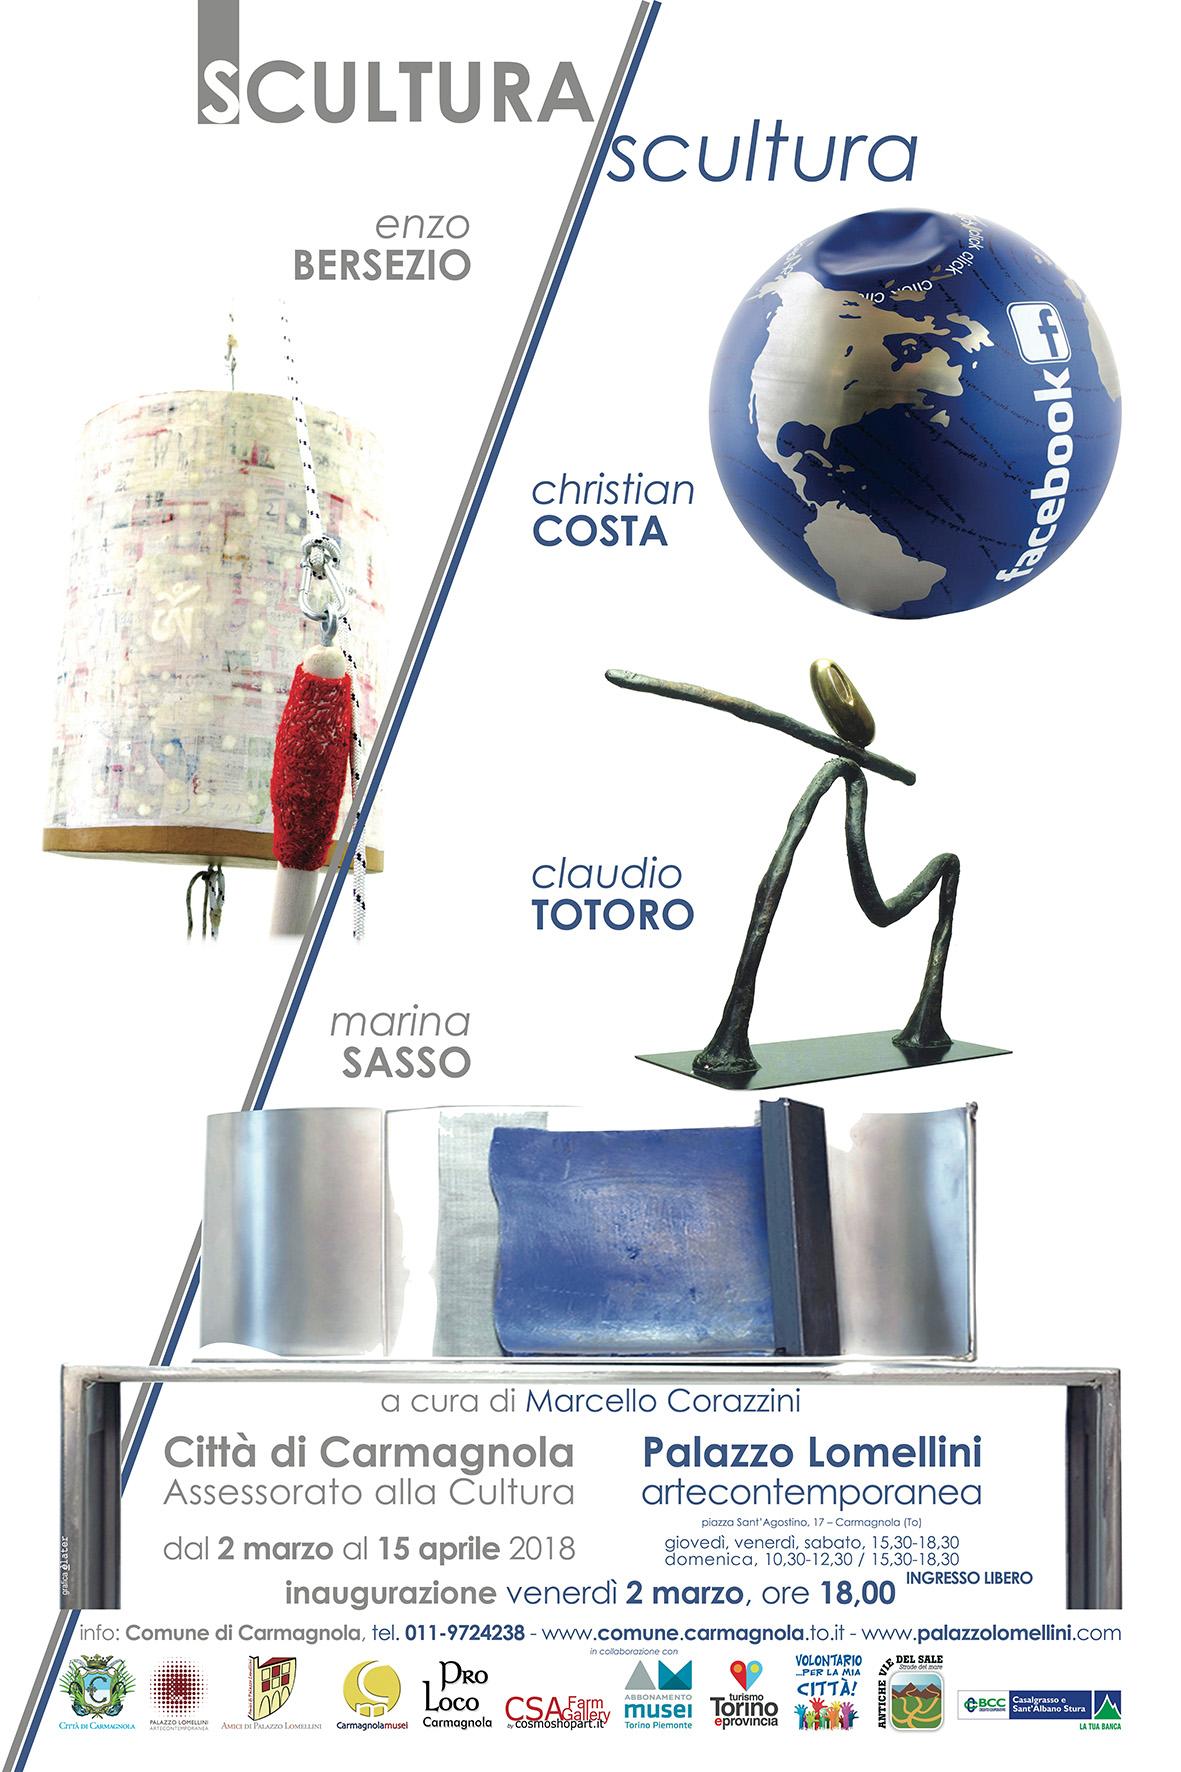 'SCULTURA/scultura', Palazzo Lomellini - Carmagnola - 02/03-15/04/2018 © Palazzo Lomellini / Comune di Carmagnola / CSA / Elater